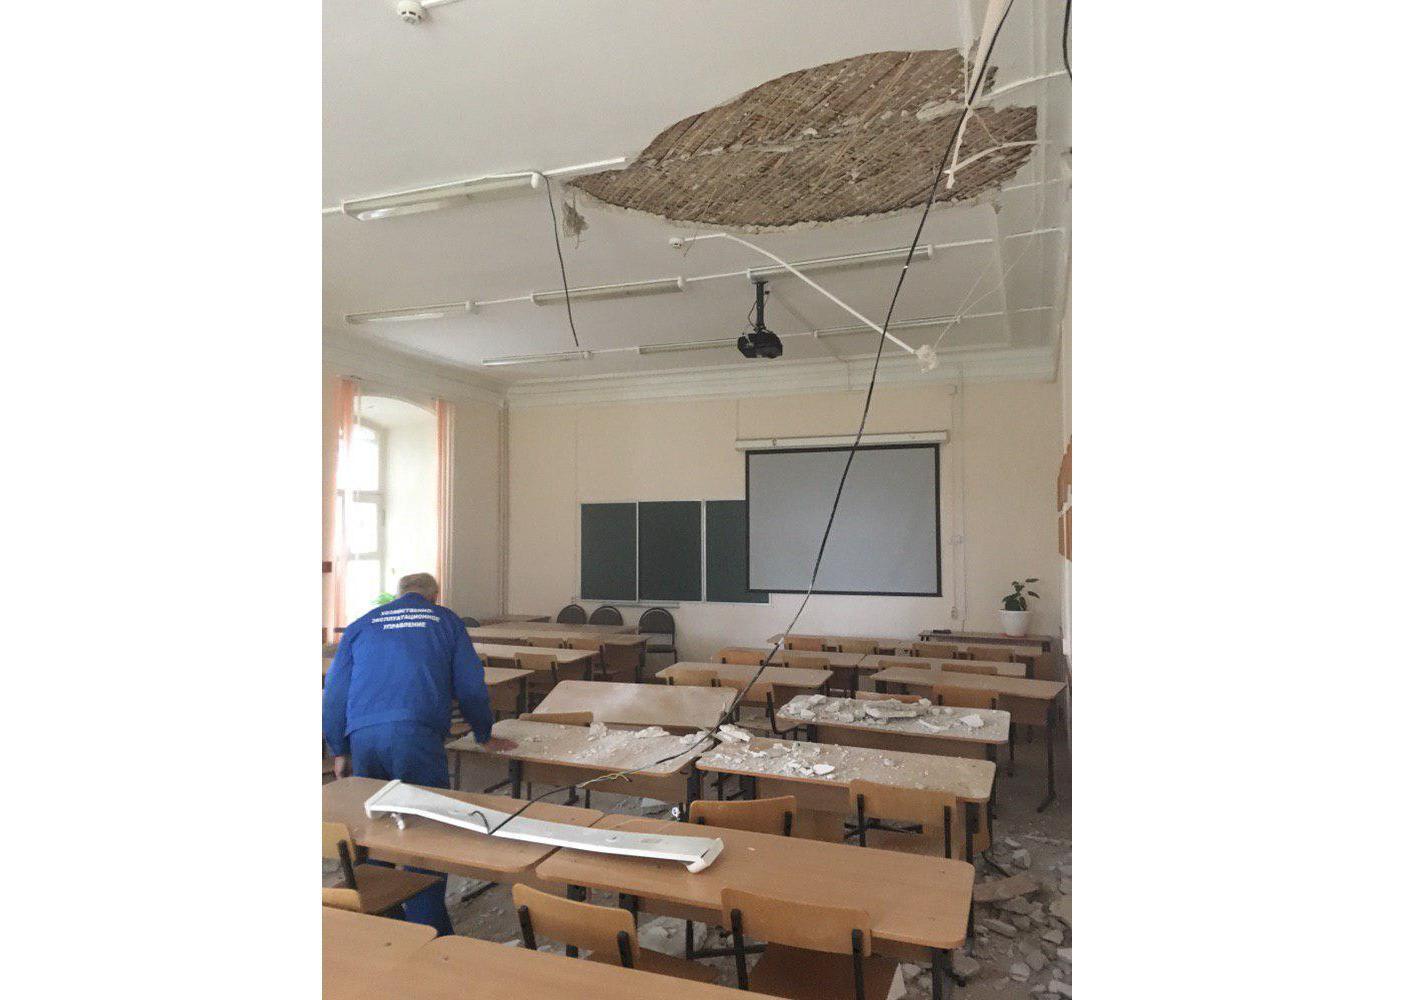 «Штукатурка обсыпалась прямо на абитуриентов»: ЧП произошло в ярославском вузе во время экзамена